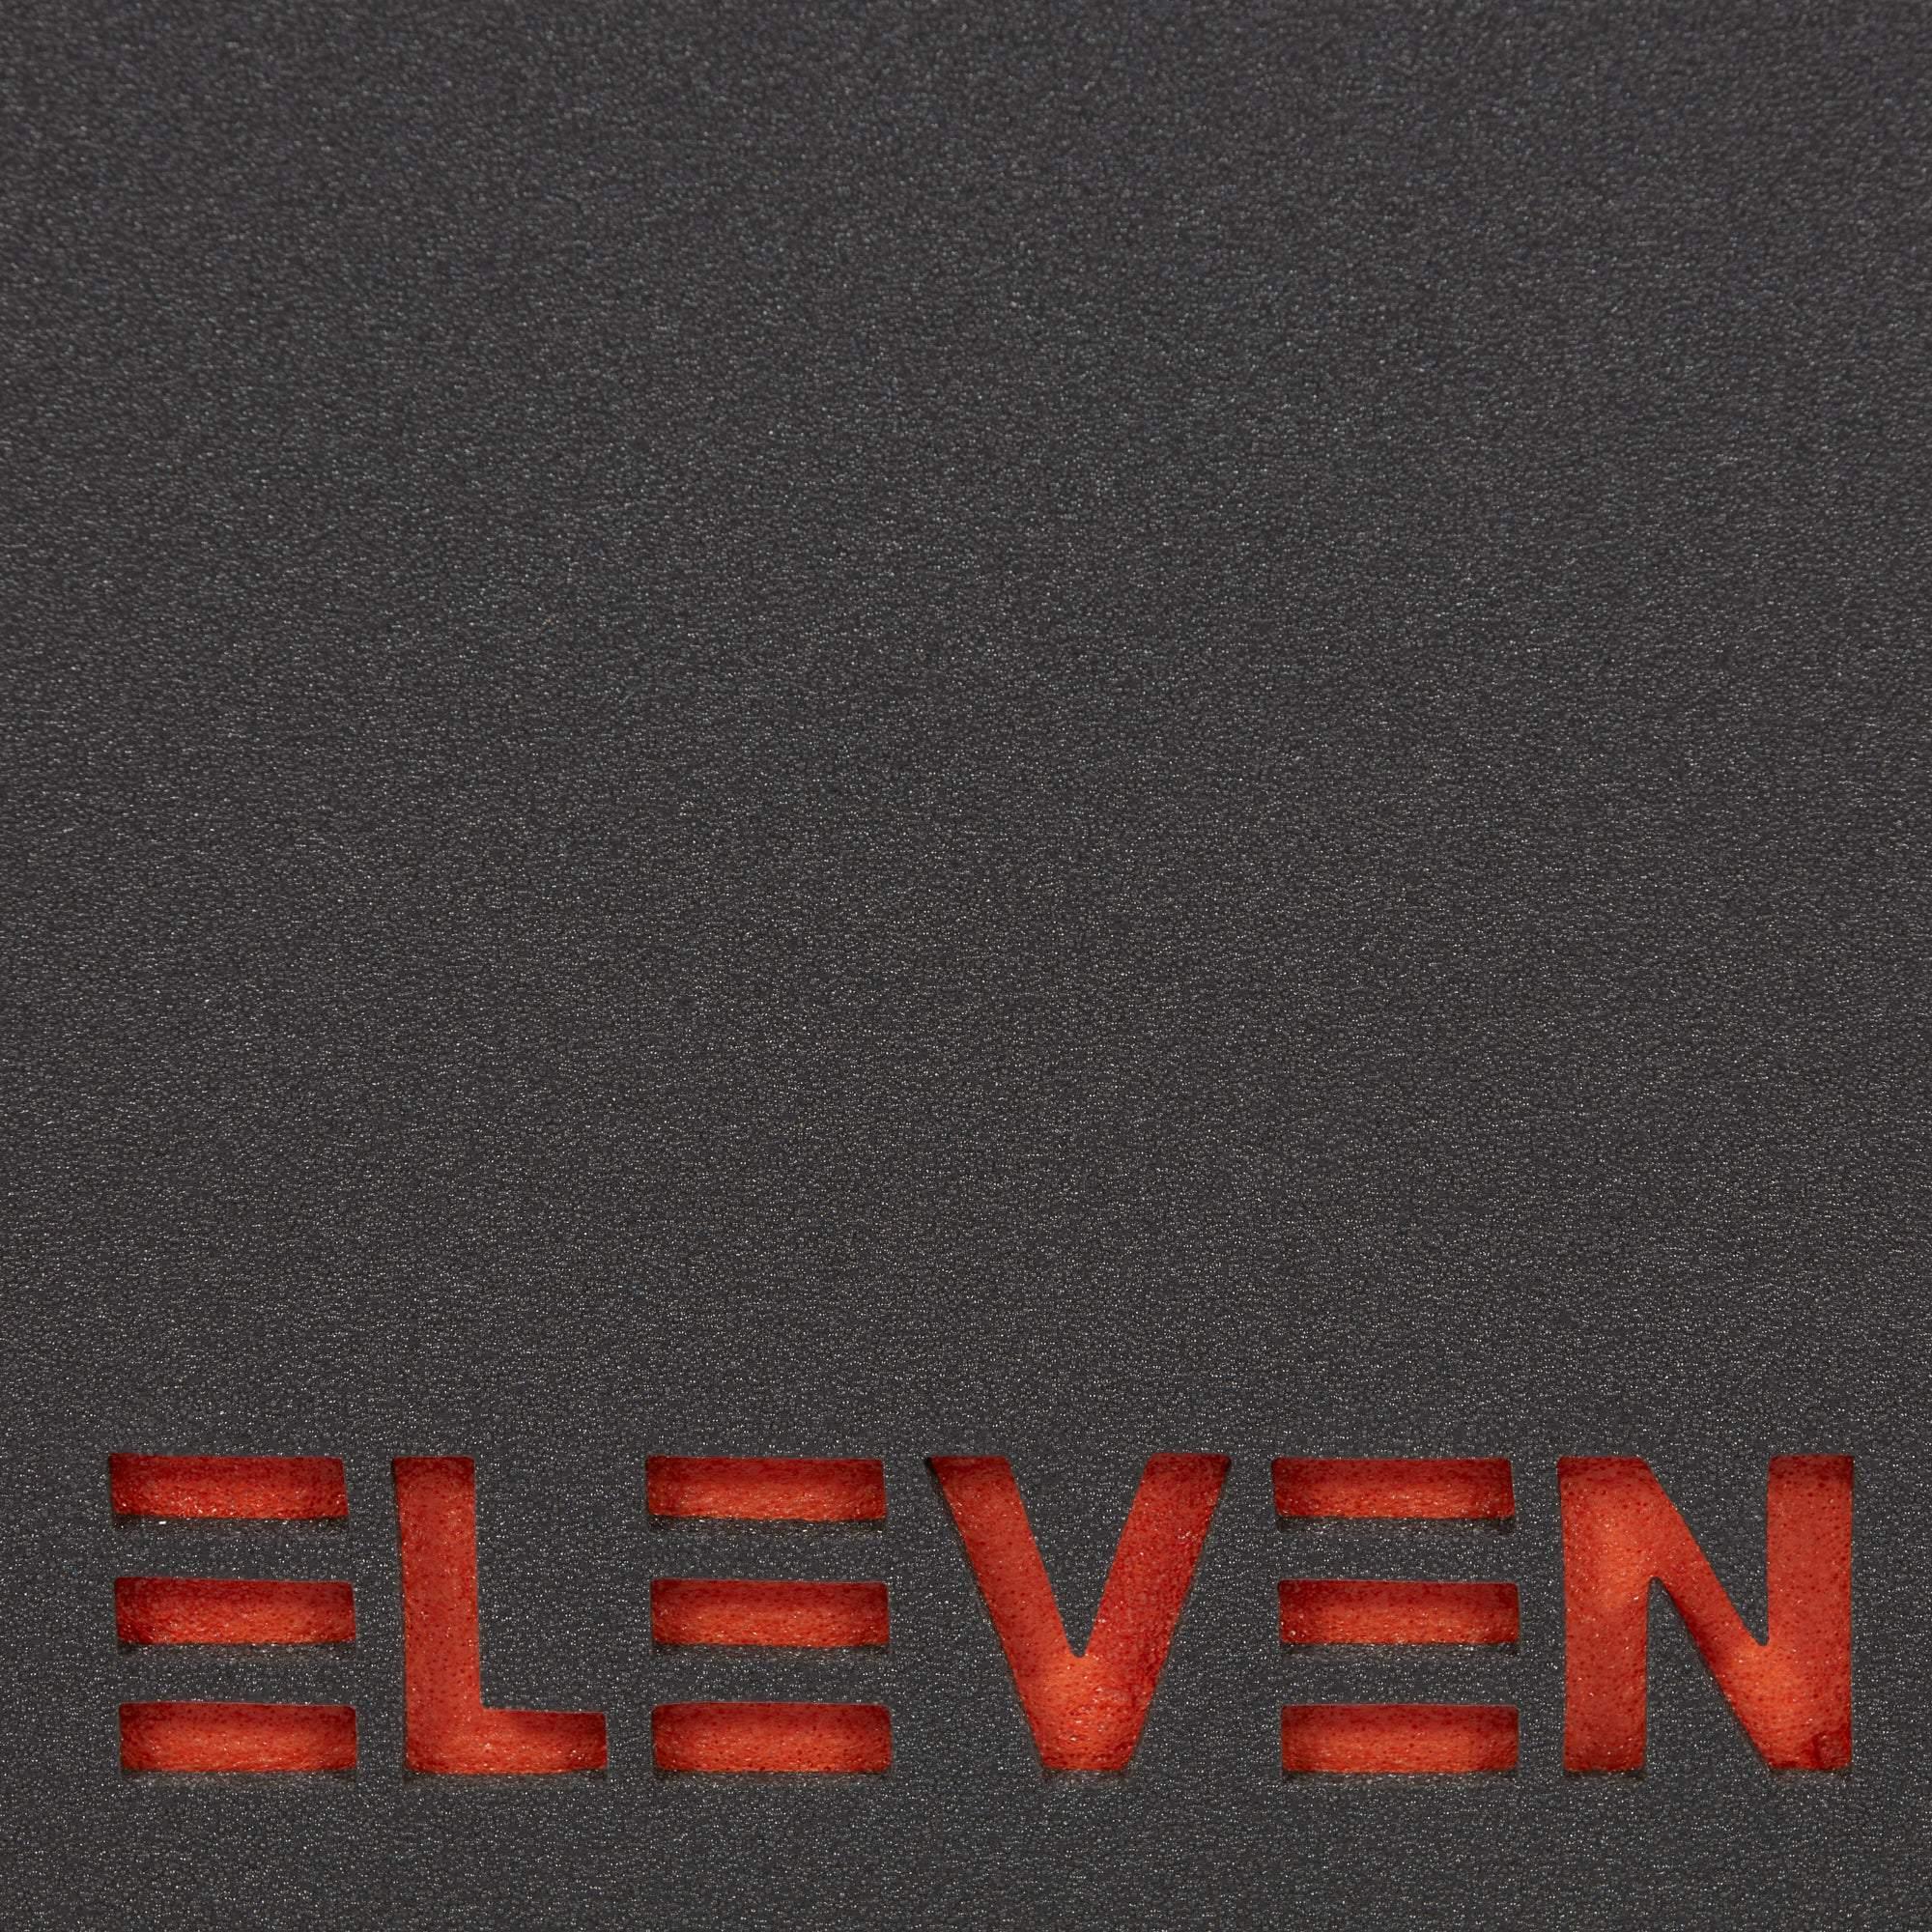 Eleven Start Zielscheibe 60x60x14